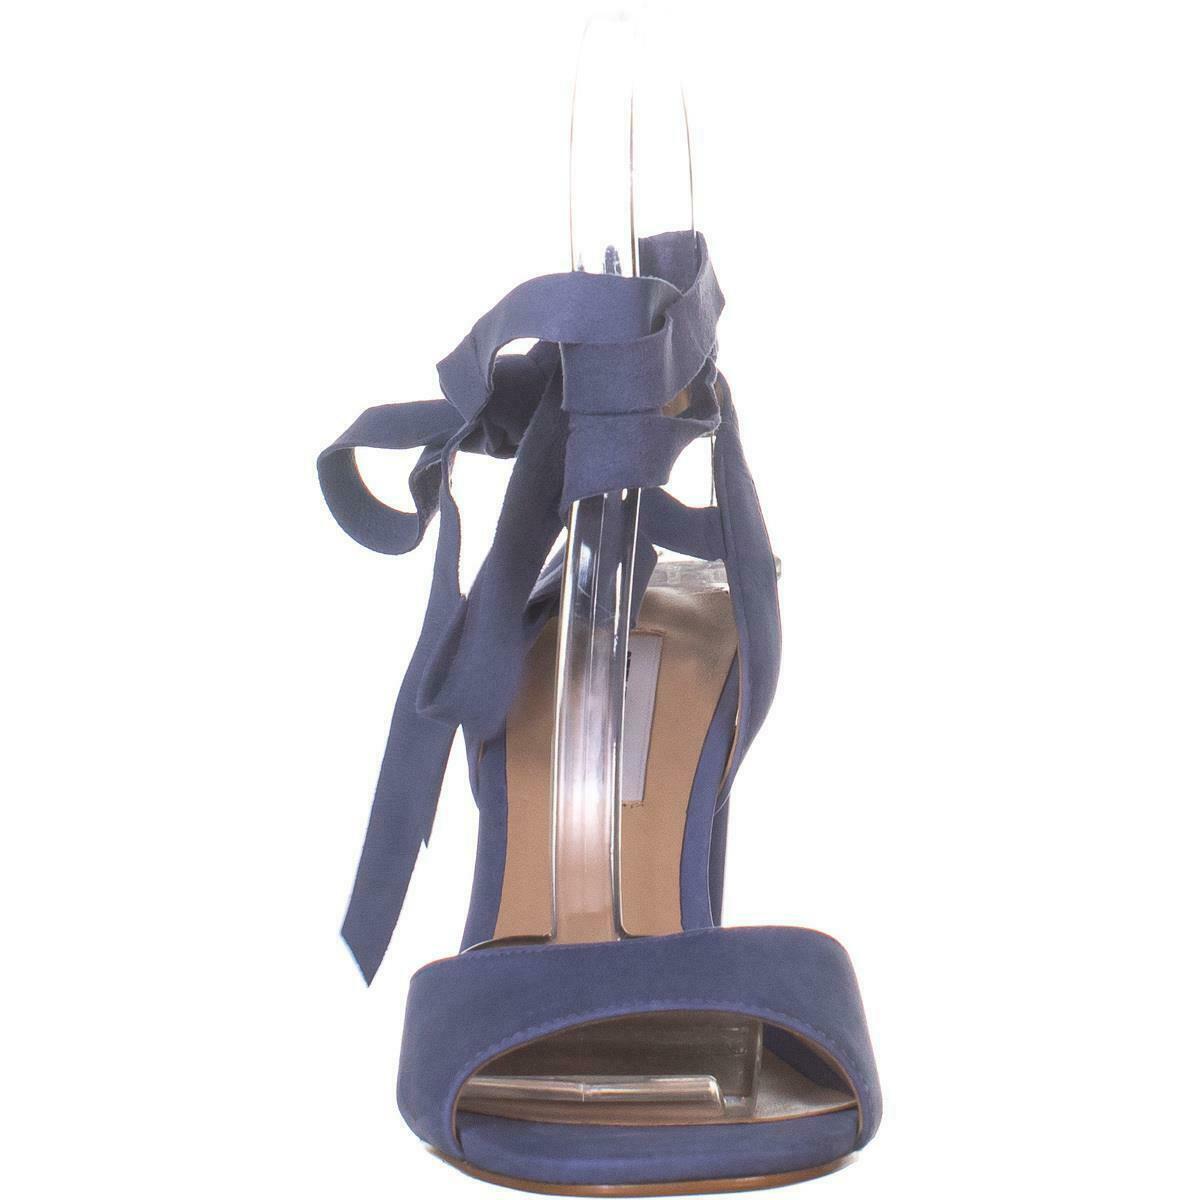 Steve Madden Kenny Ankle Strap Sandals, Blue Nubuck, 6.5 US image 2